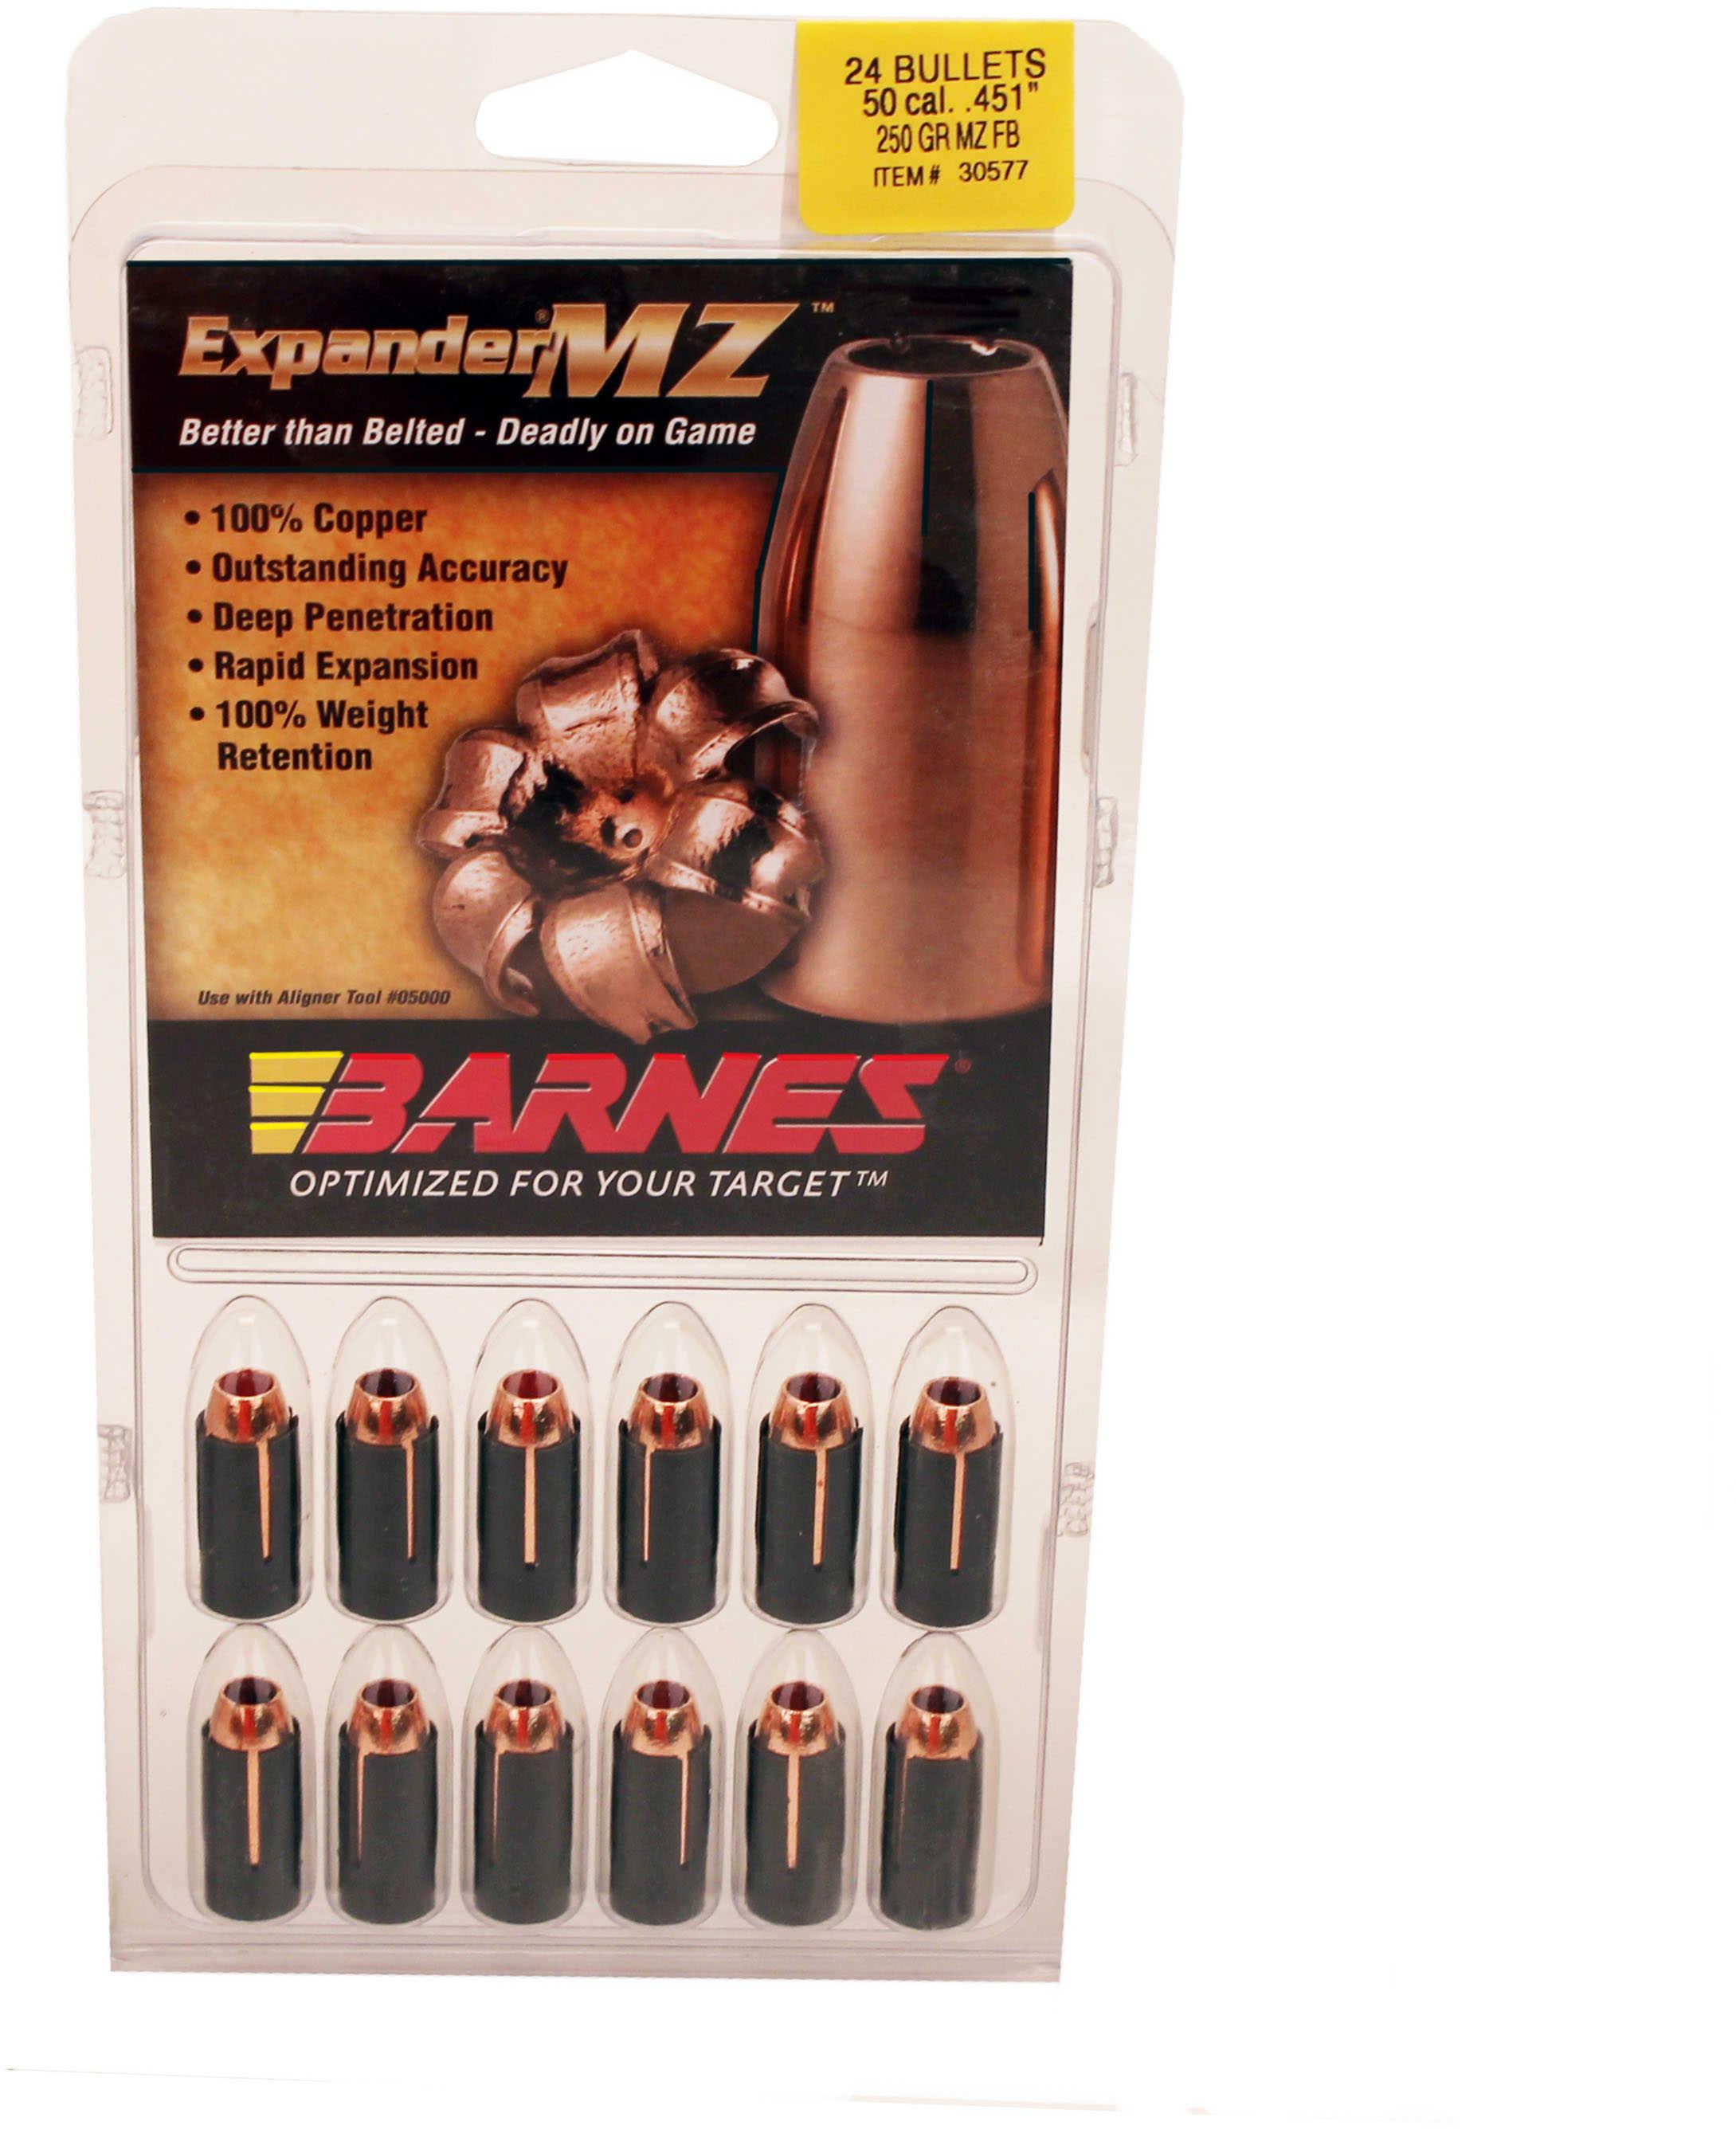 Barnes 50 Caliber Expander MZ Bullets 250 Grain Expander Muzzleloader Per 24 Md: 45152